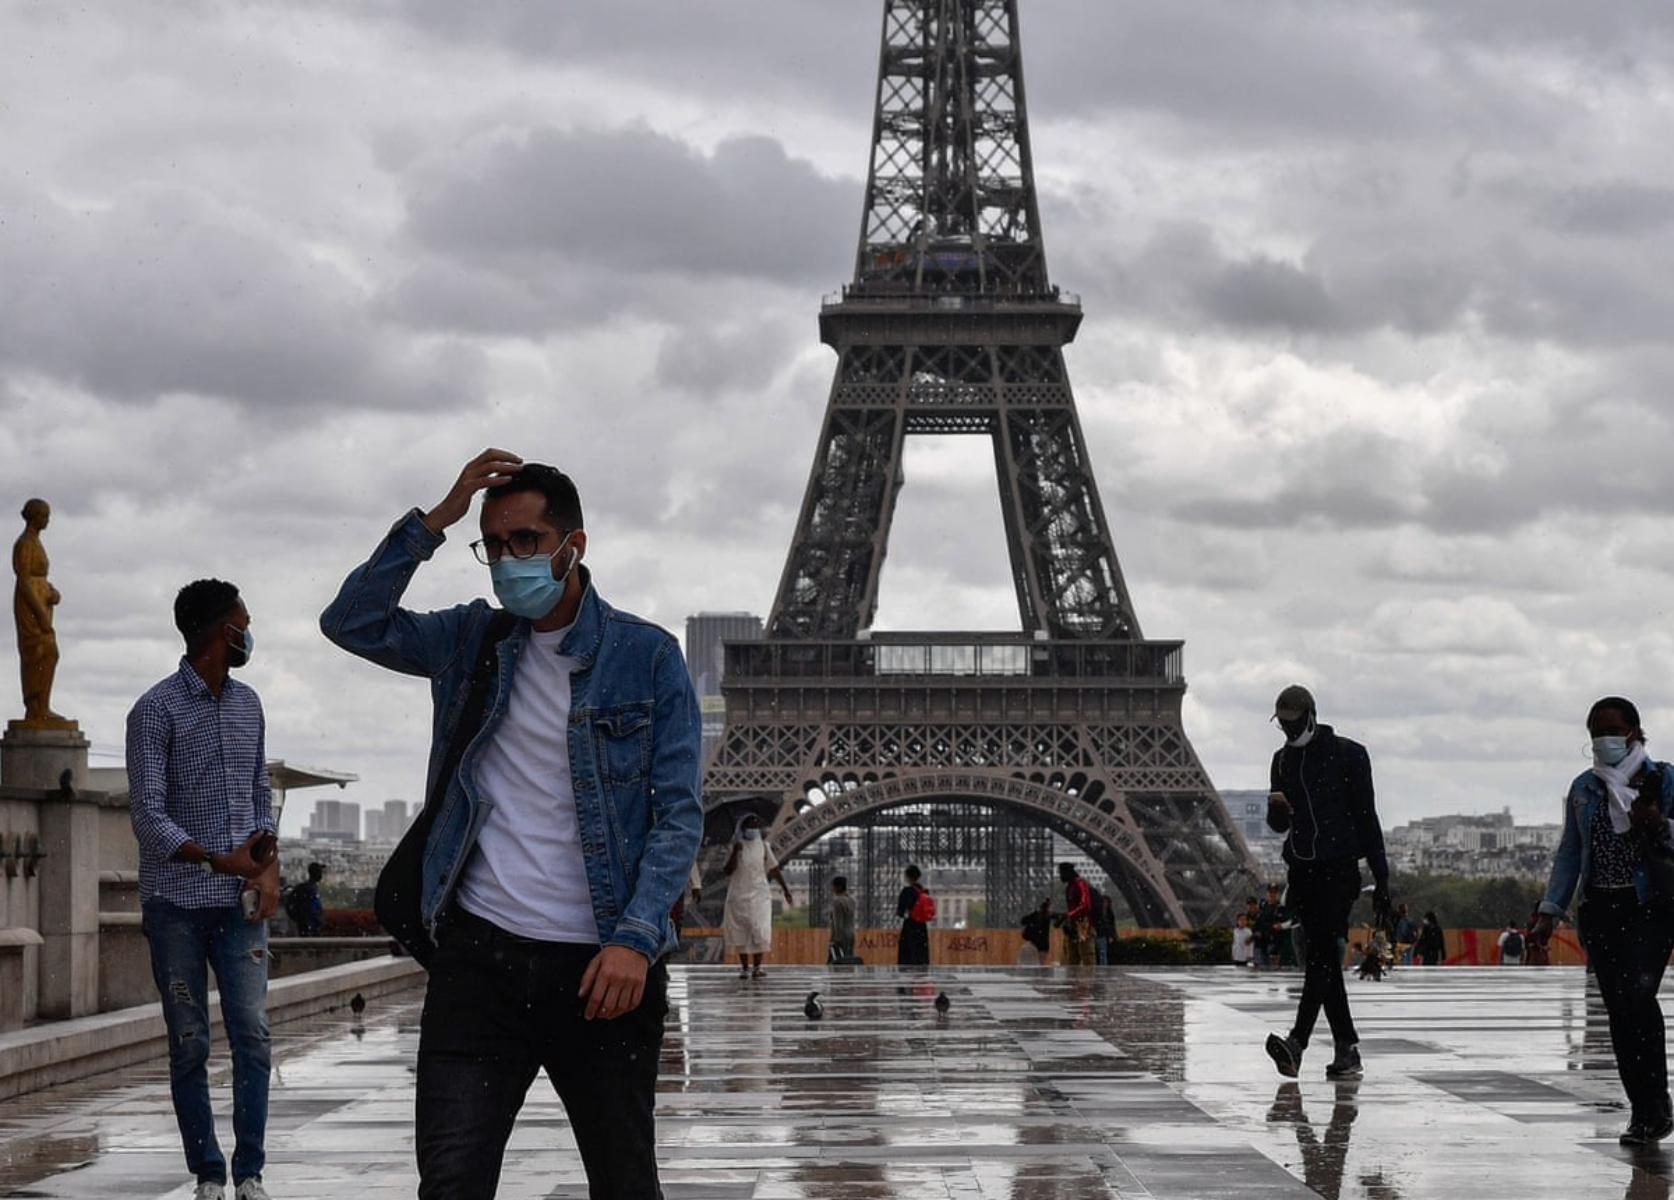 Εμβολιασμός: Ένα εκατομμύριο πολίτες έχουν ήδη εμβολιαστεί στη Γαλλία